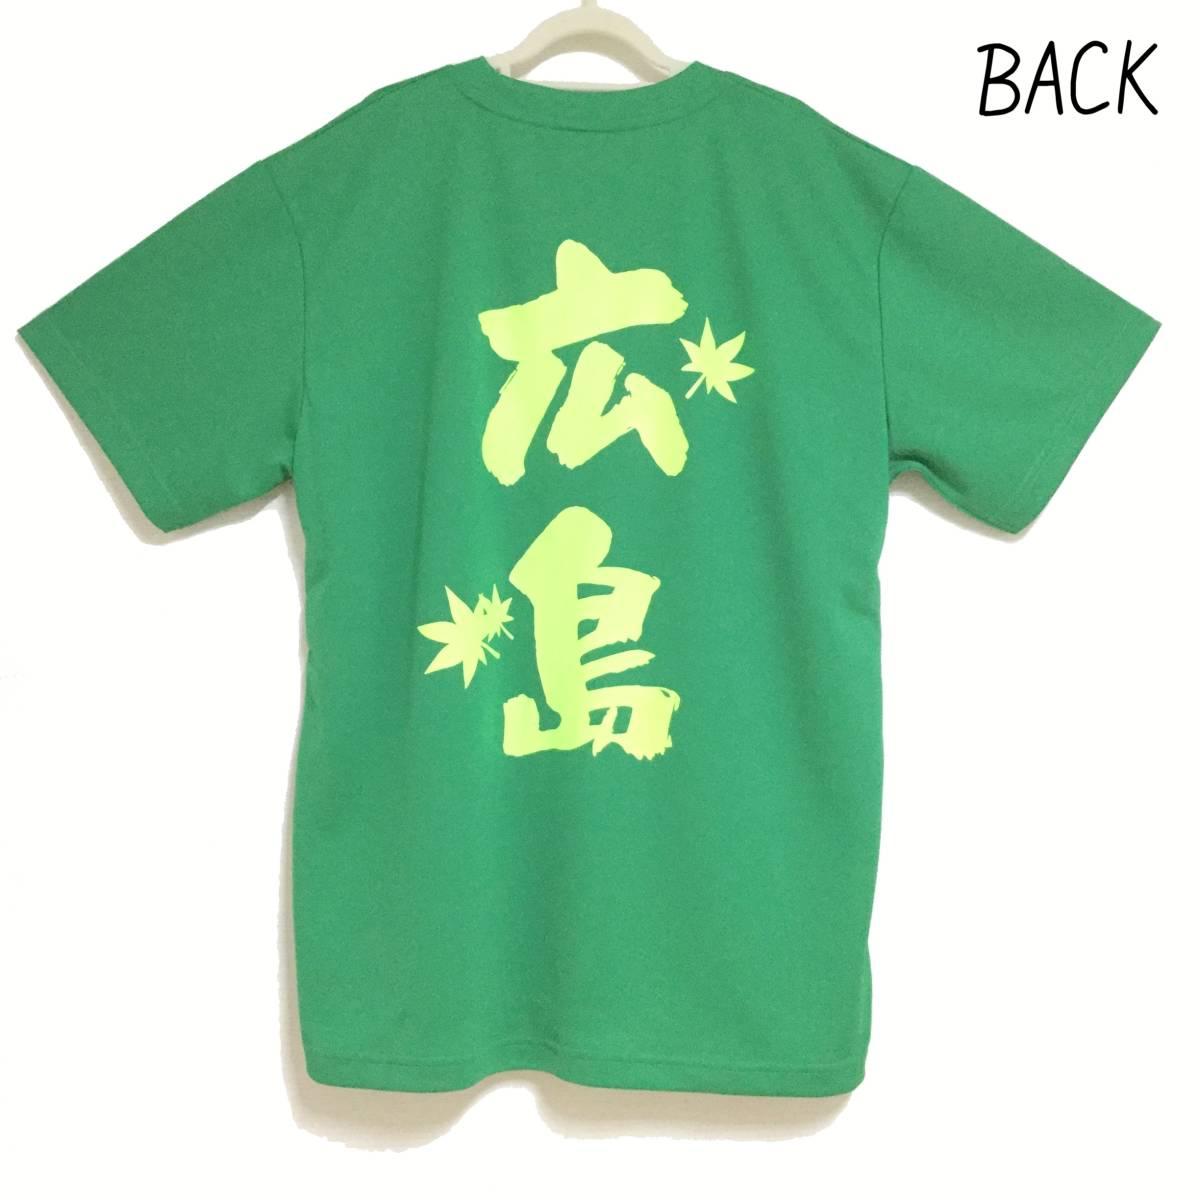 ドライTシャツ 広島ロゴ グリーン生地 XLサイズ_画像2